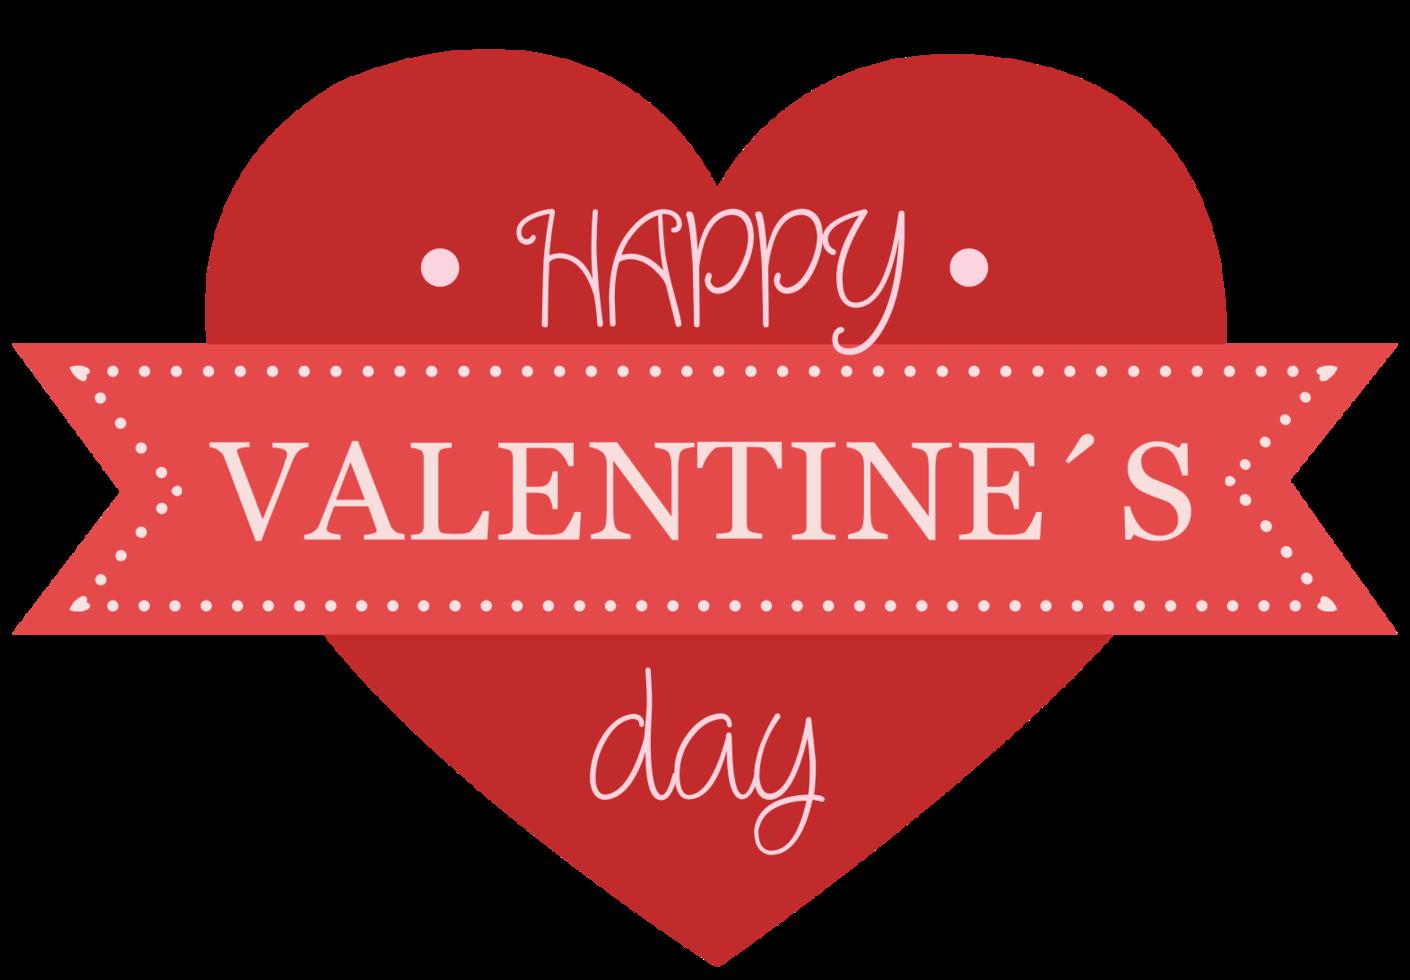 fröhlichen Valentinstag png